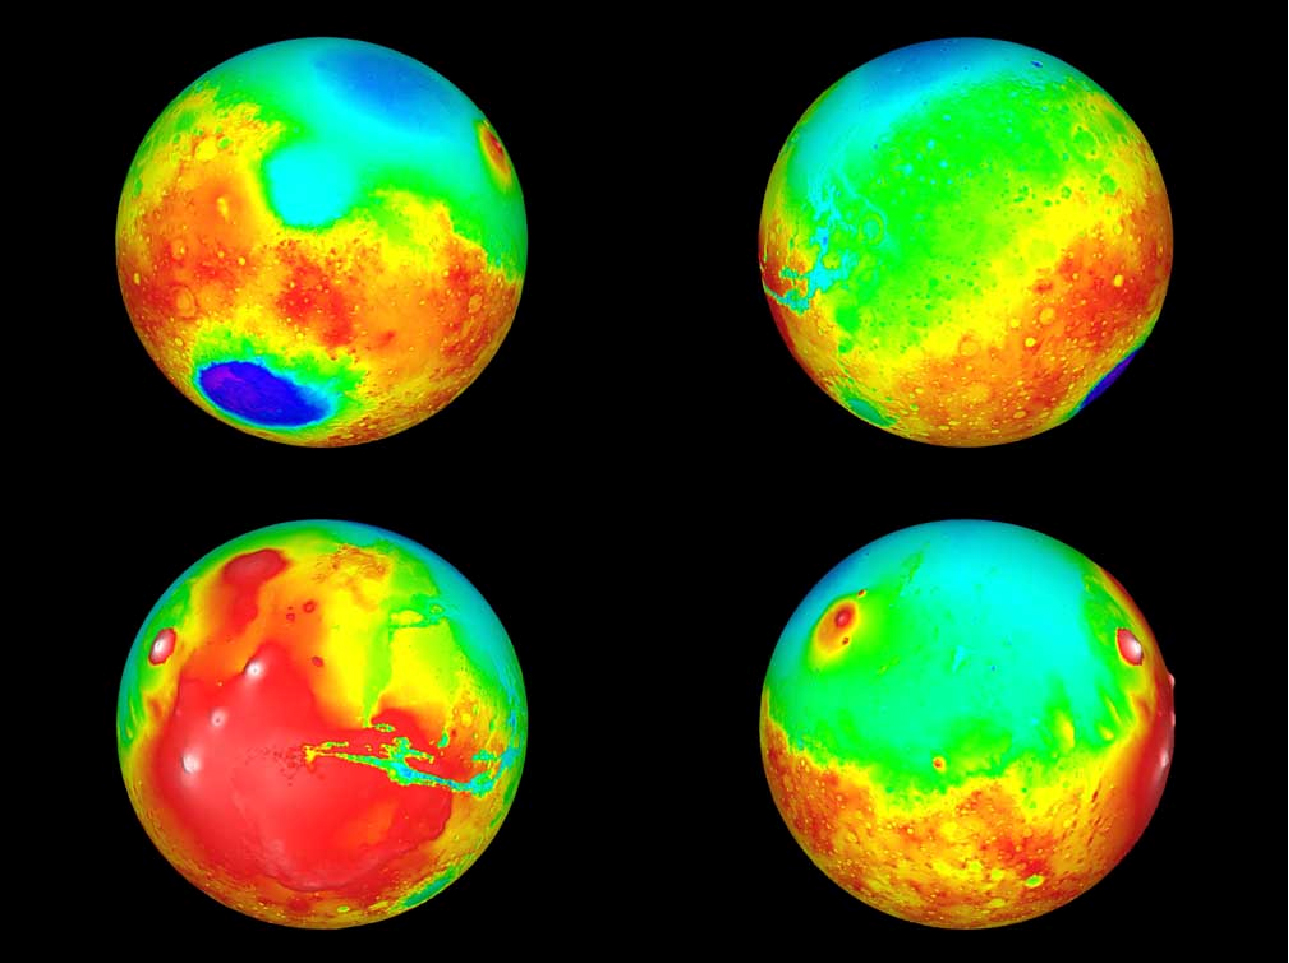 planet mars temperature - photo #44